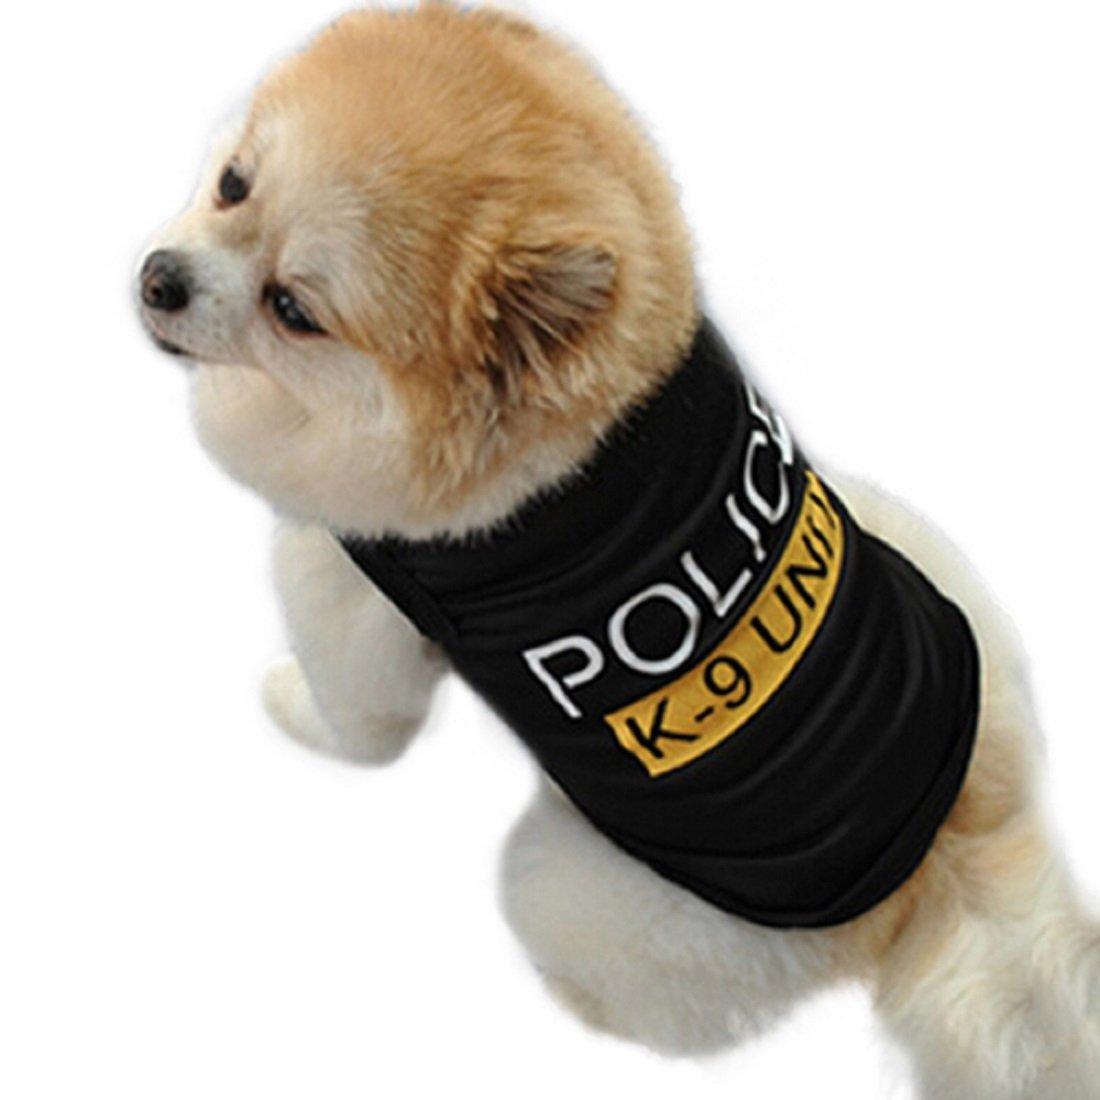 Inception Pro Infinite Costume con Stampa Police - Poliziotto - Polizia - Forze dell' Ordine - Carabinieri - Cane ( L )